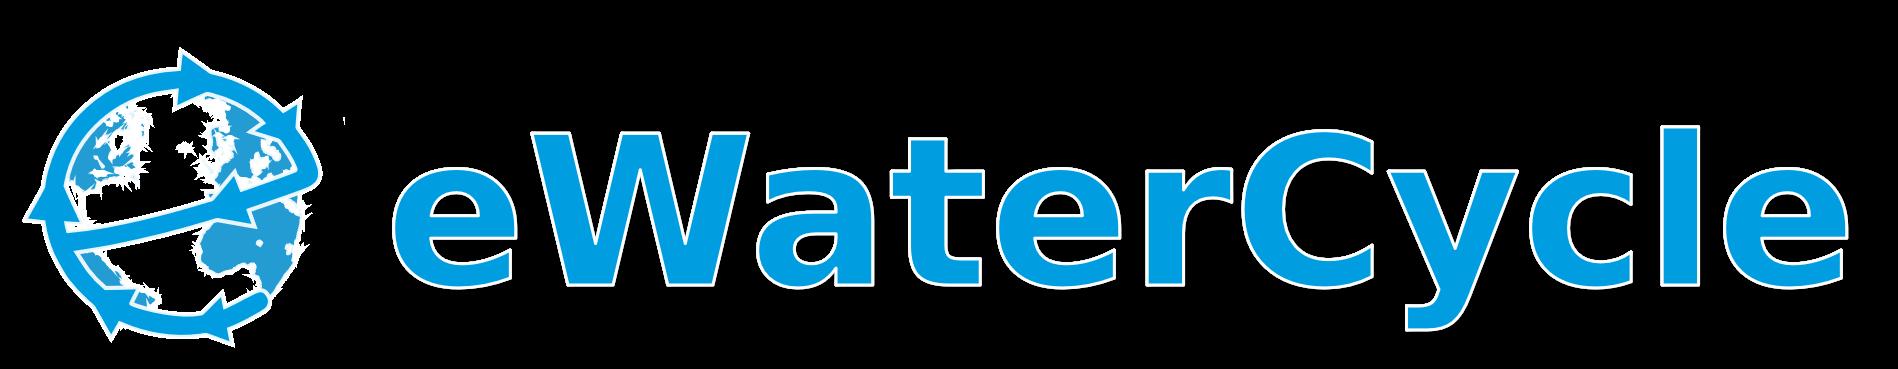 ewatercycle logo